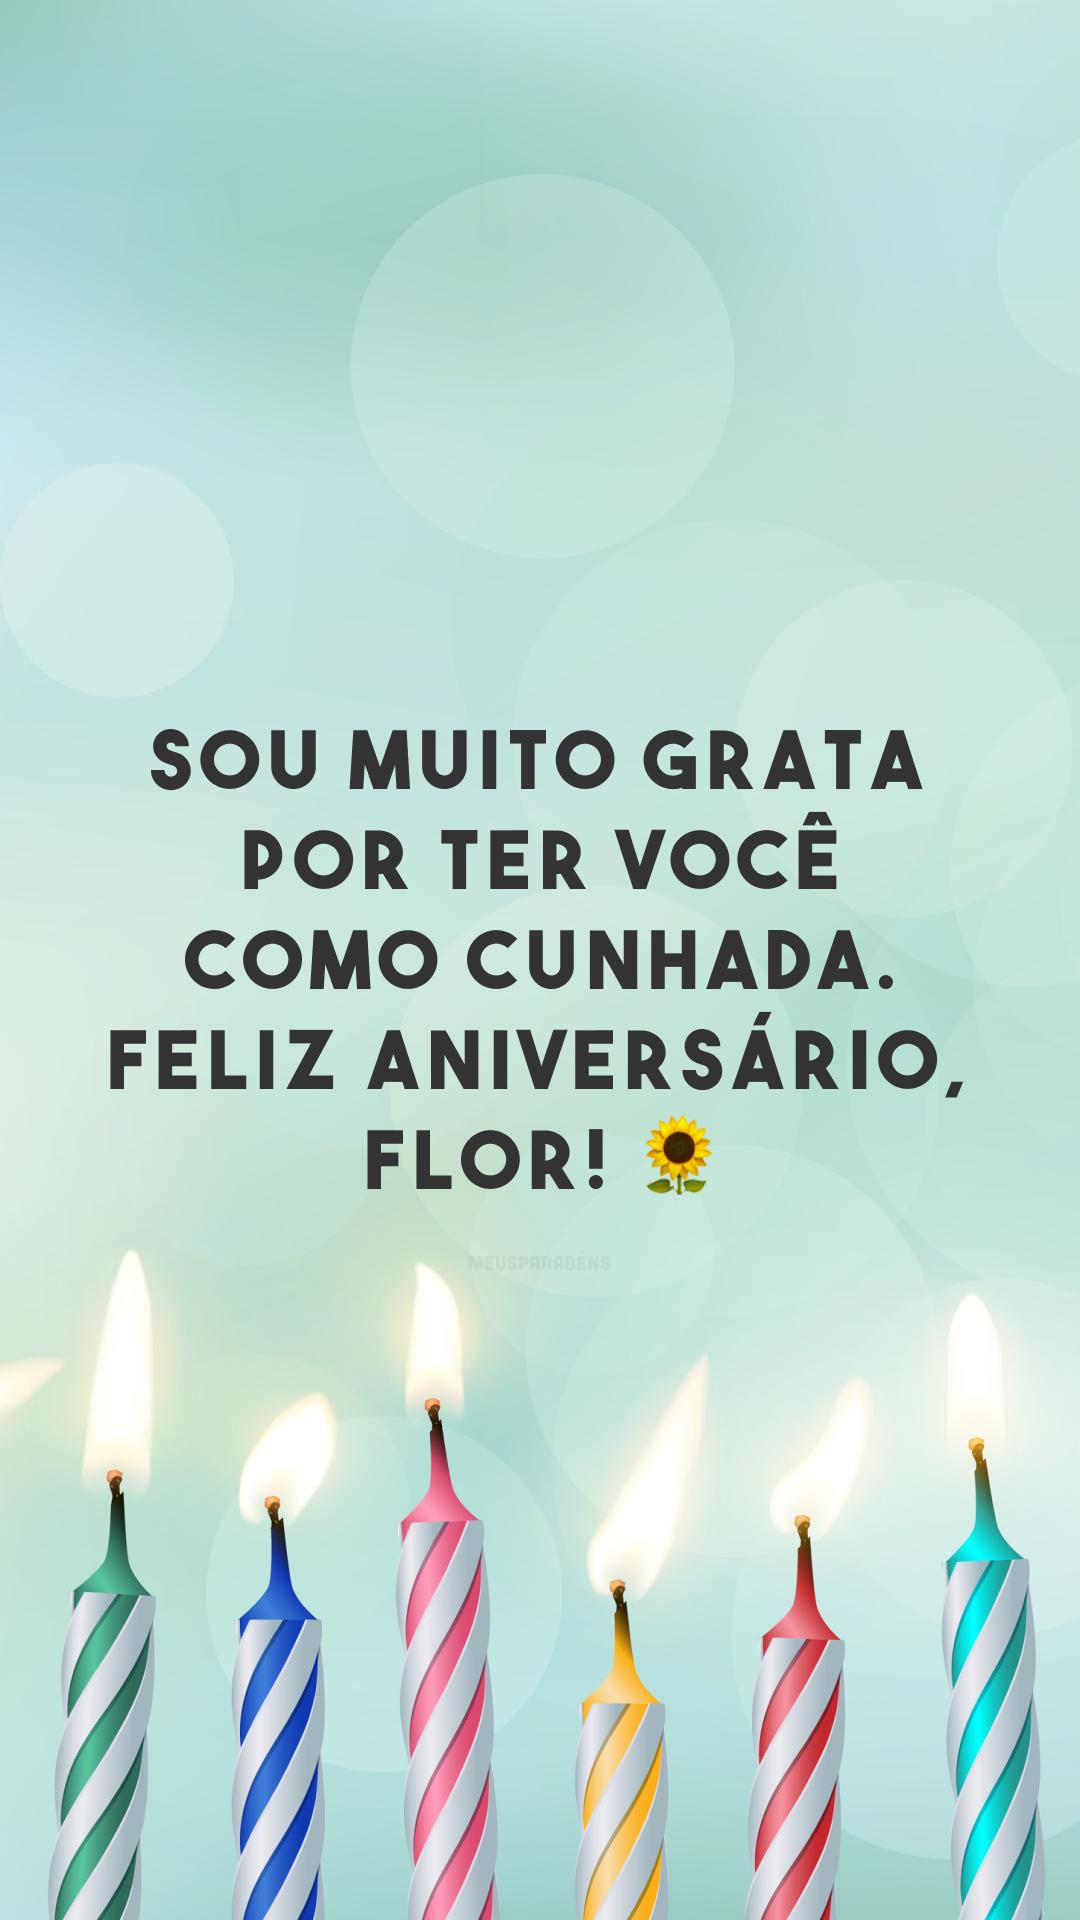 Sou muito grata por ter você como cunhada. Feliz aniversário, flor! 🌻